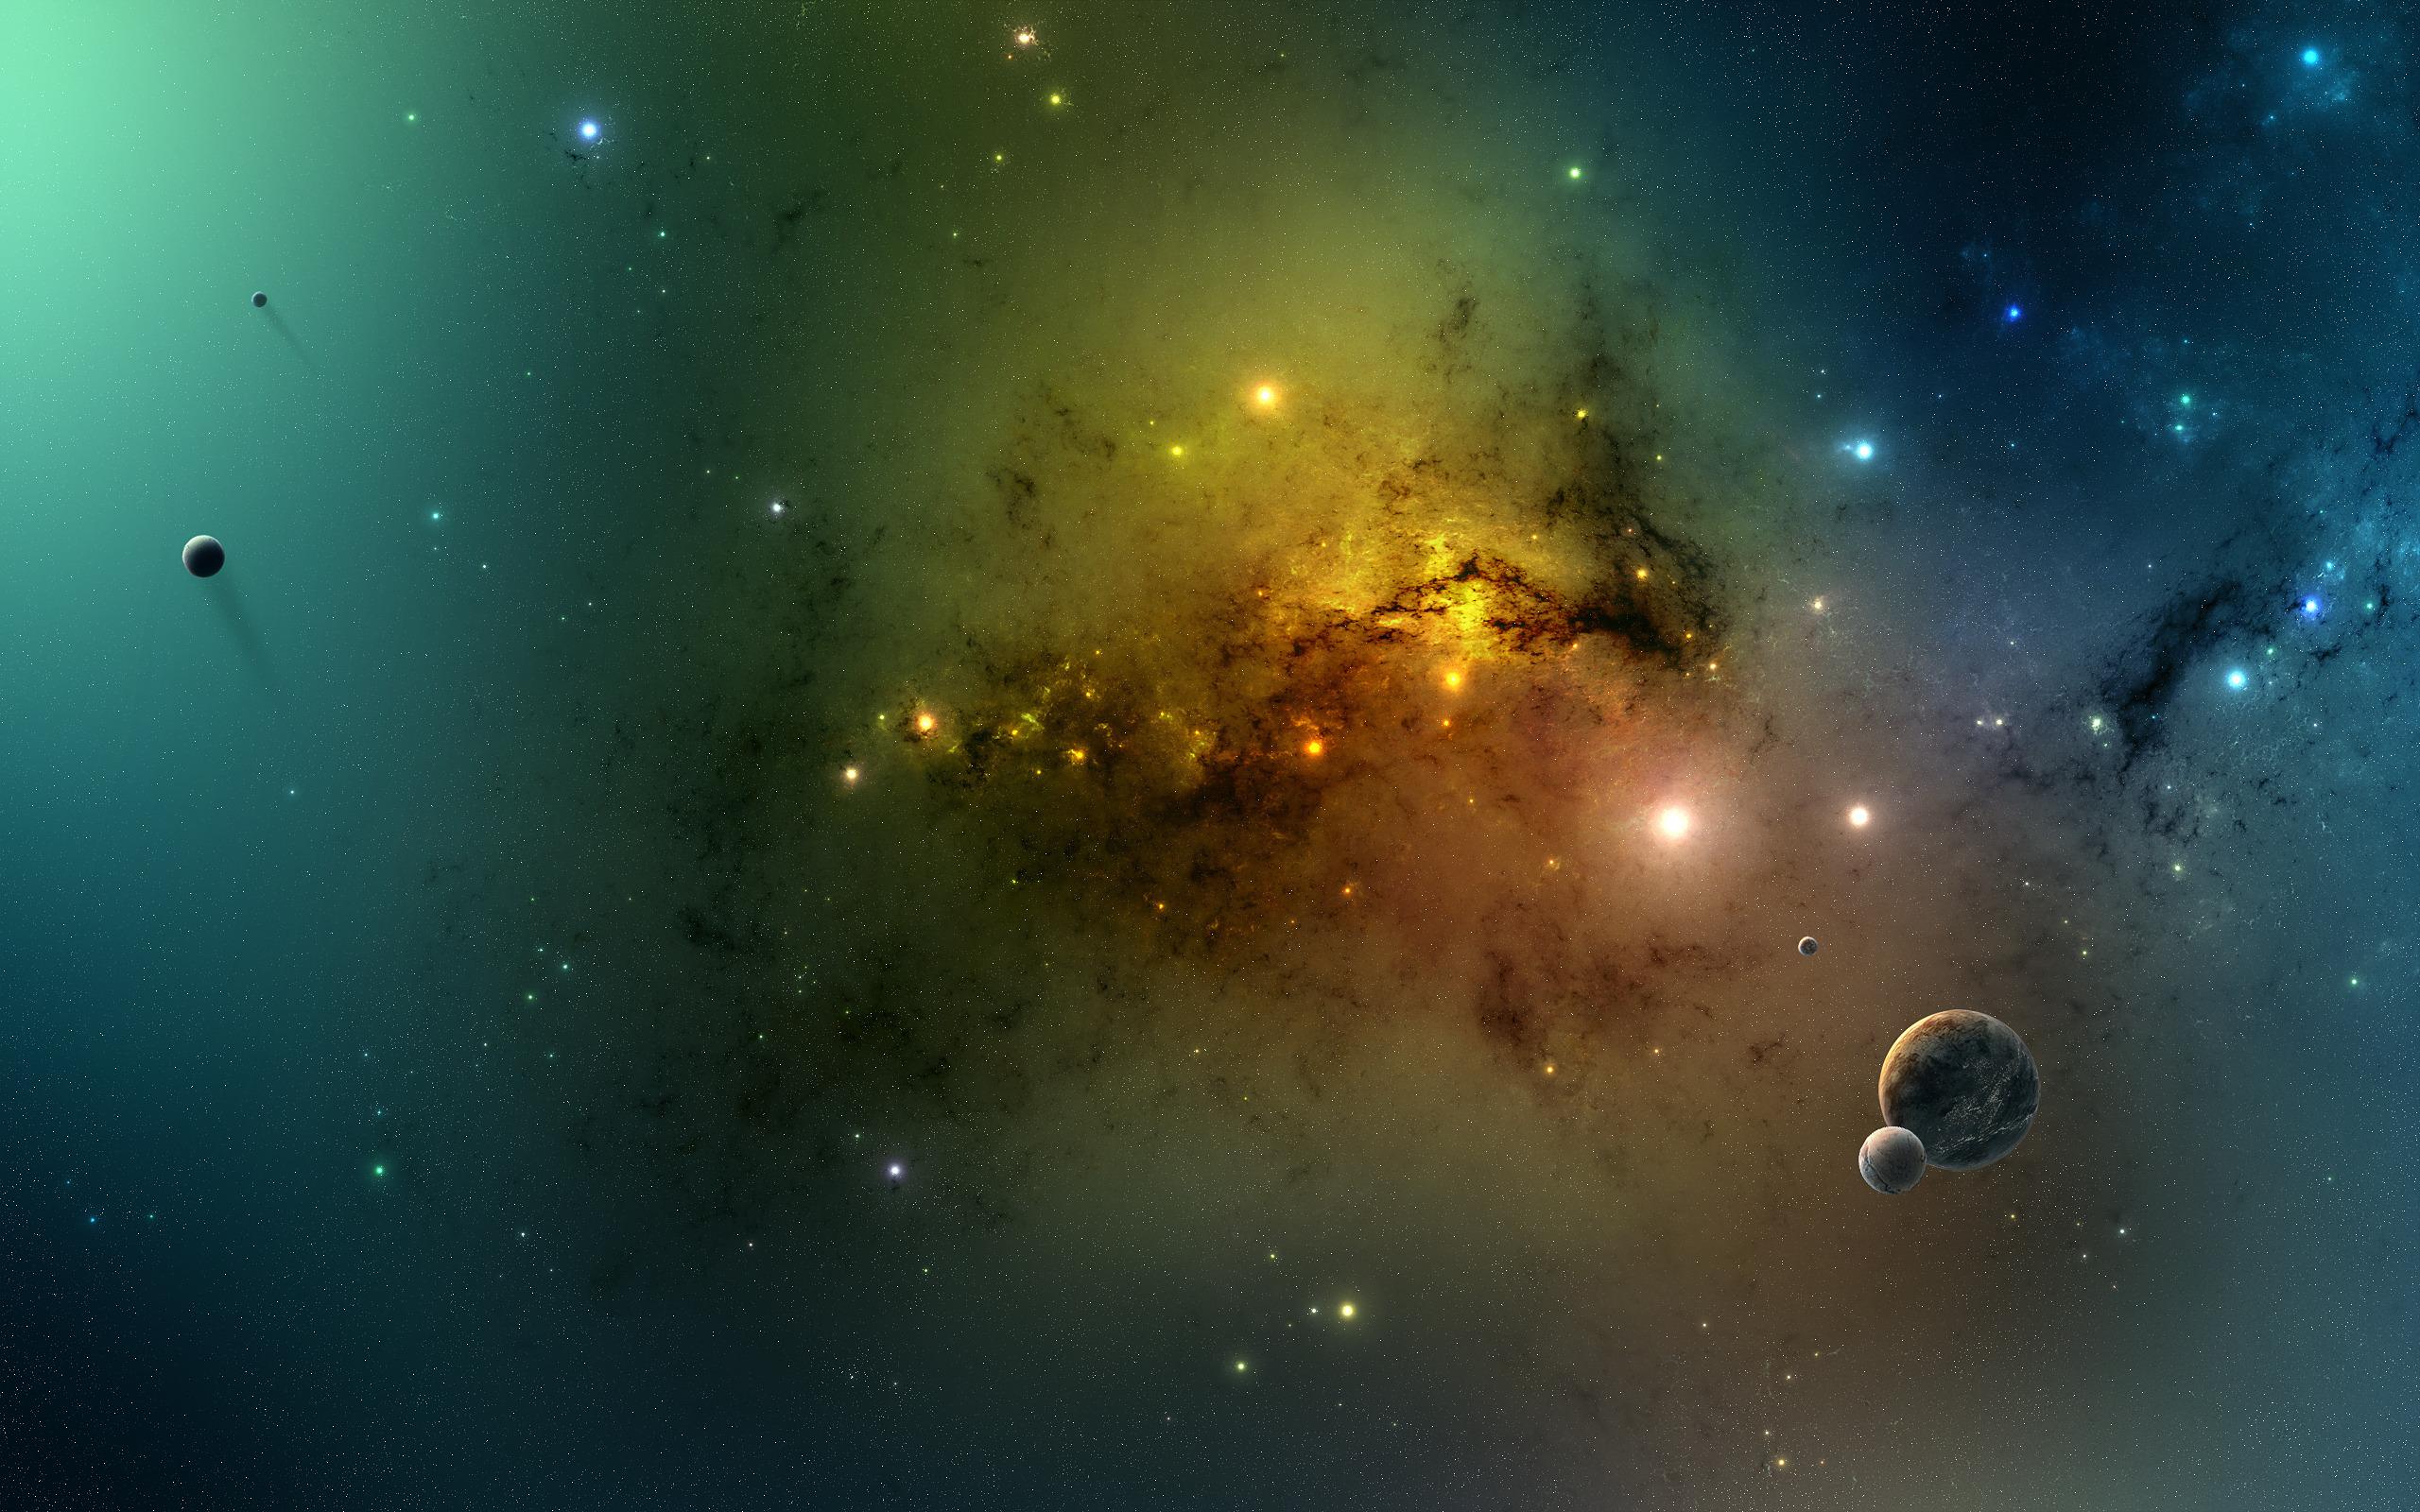 хоть космос все картинки планет галактики компания производству фартуков